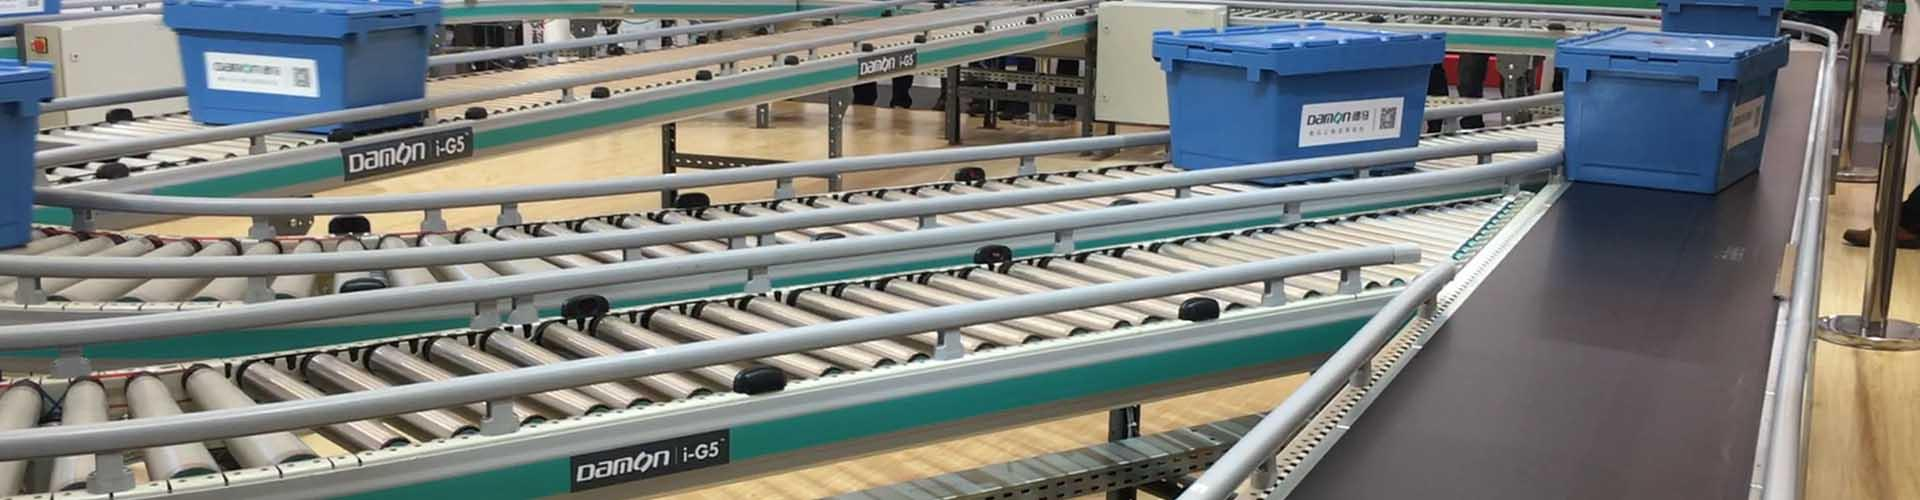 Carton Conveyor